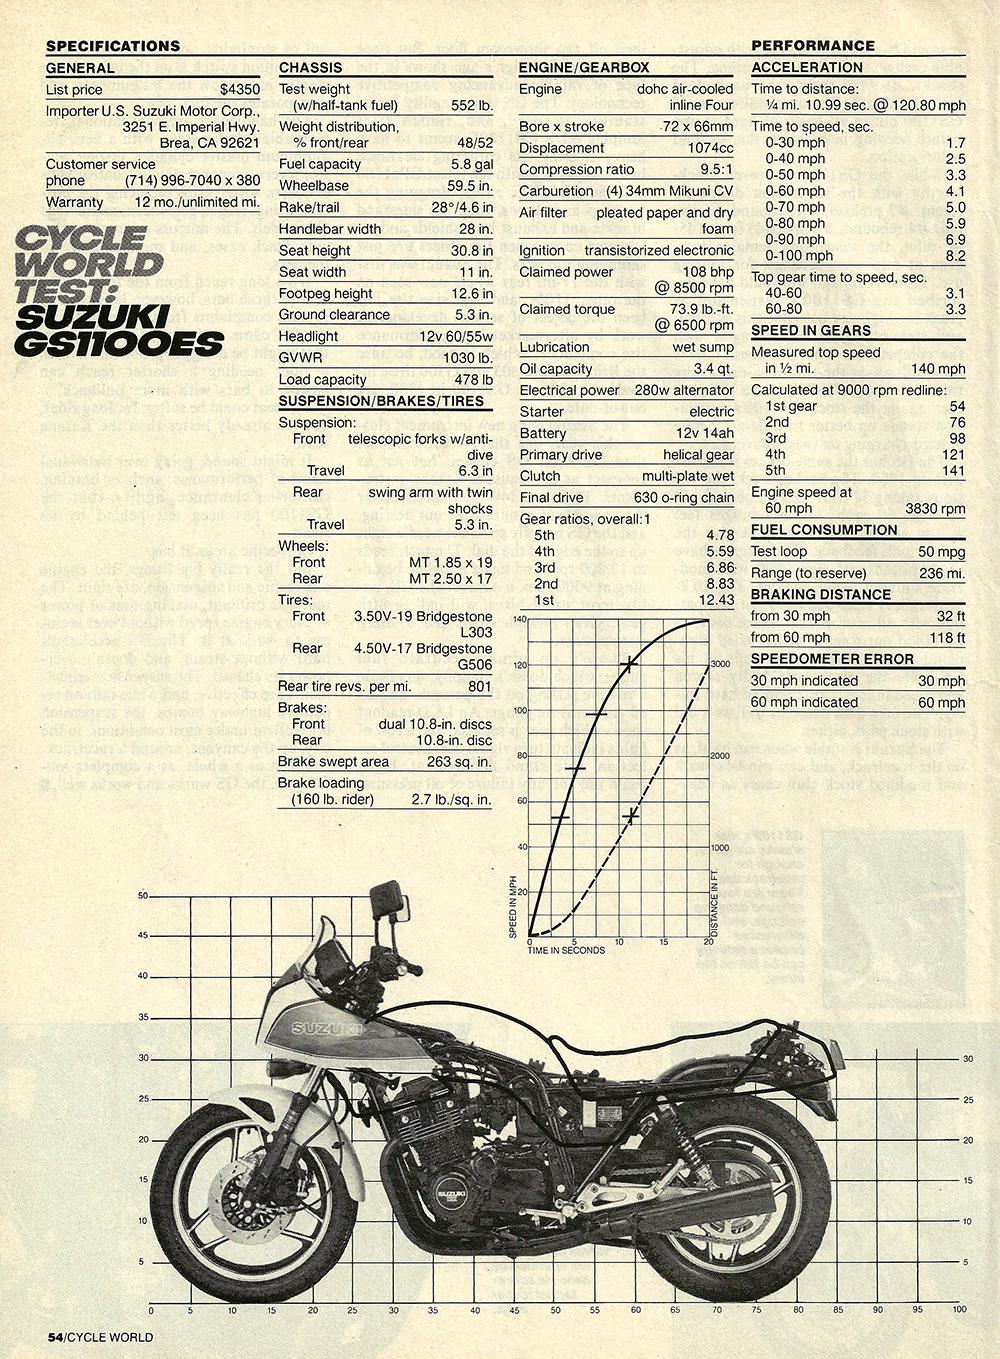 1983 Suzuki GS1100E road test 05.jpg